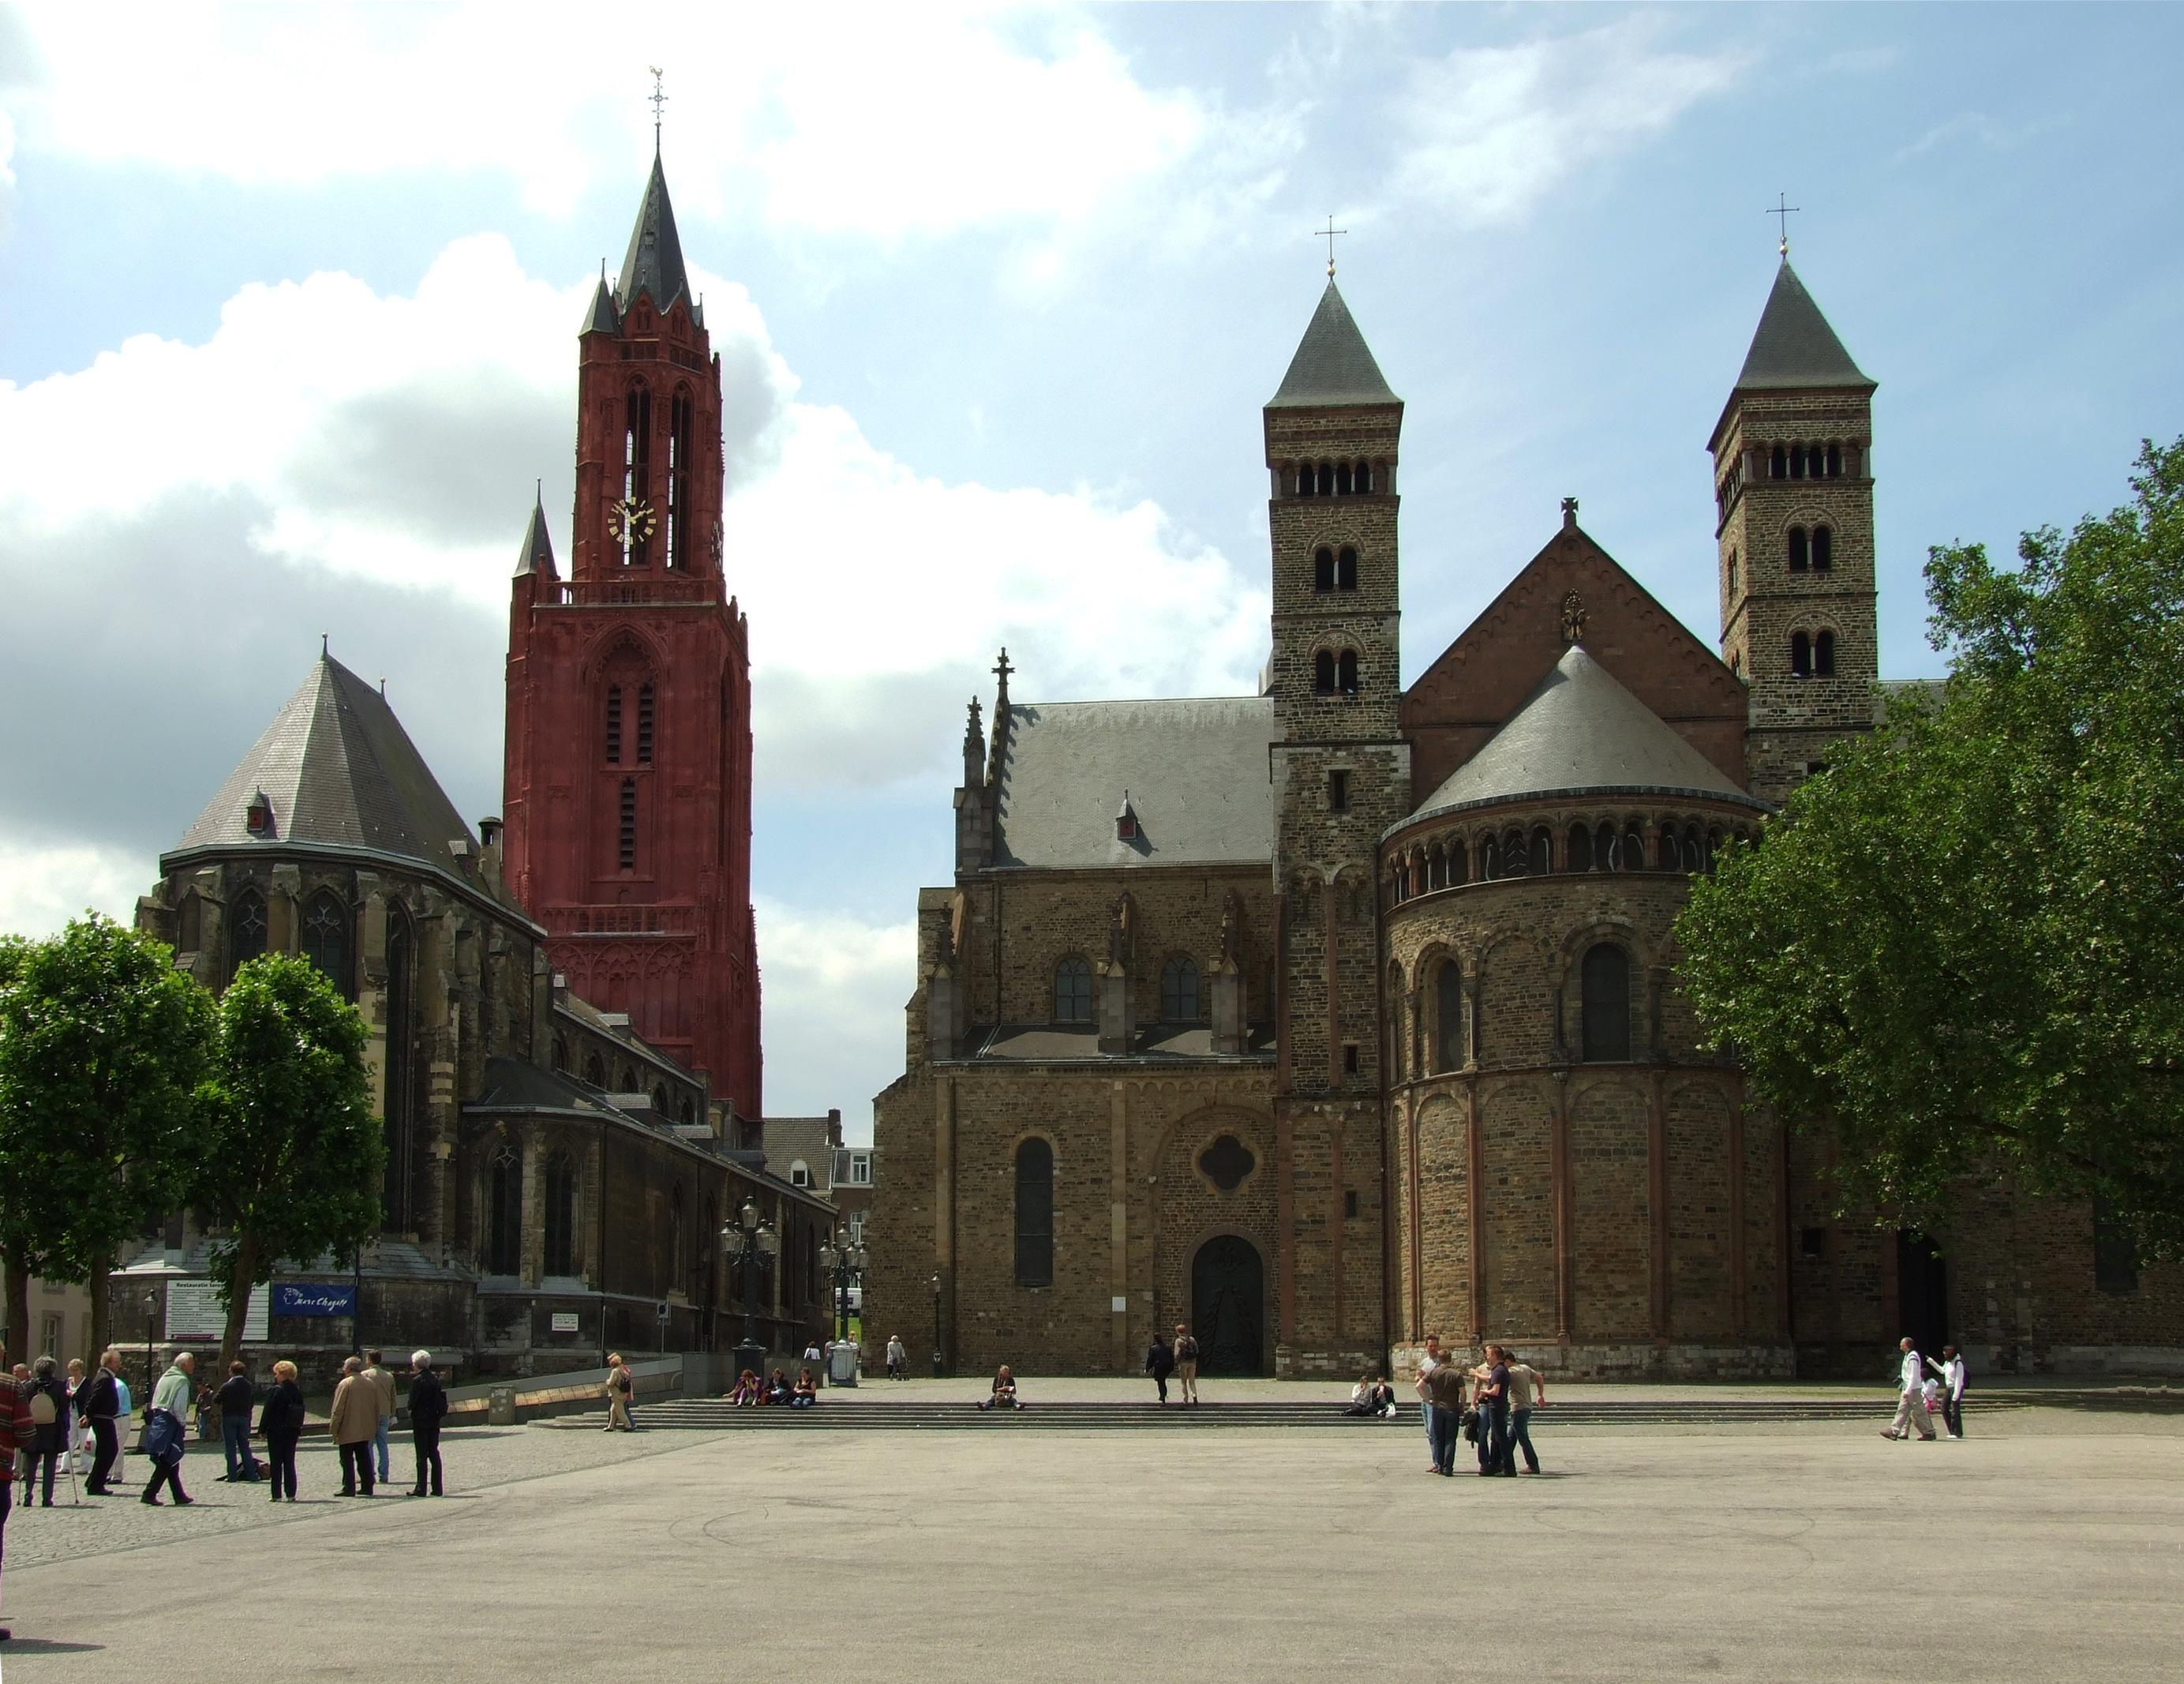 Basílica de San Servacio (Maastricht) - Wikipedia, la enciclopedia ...